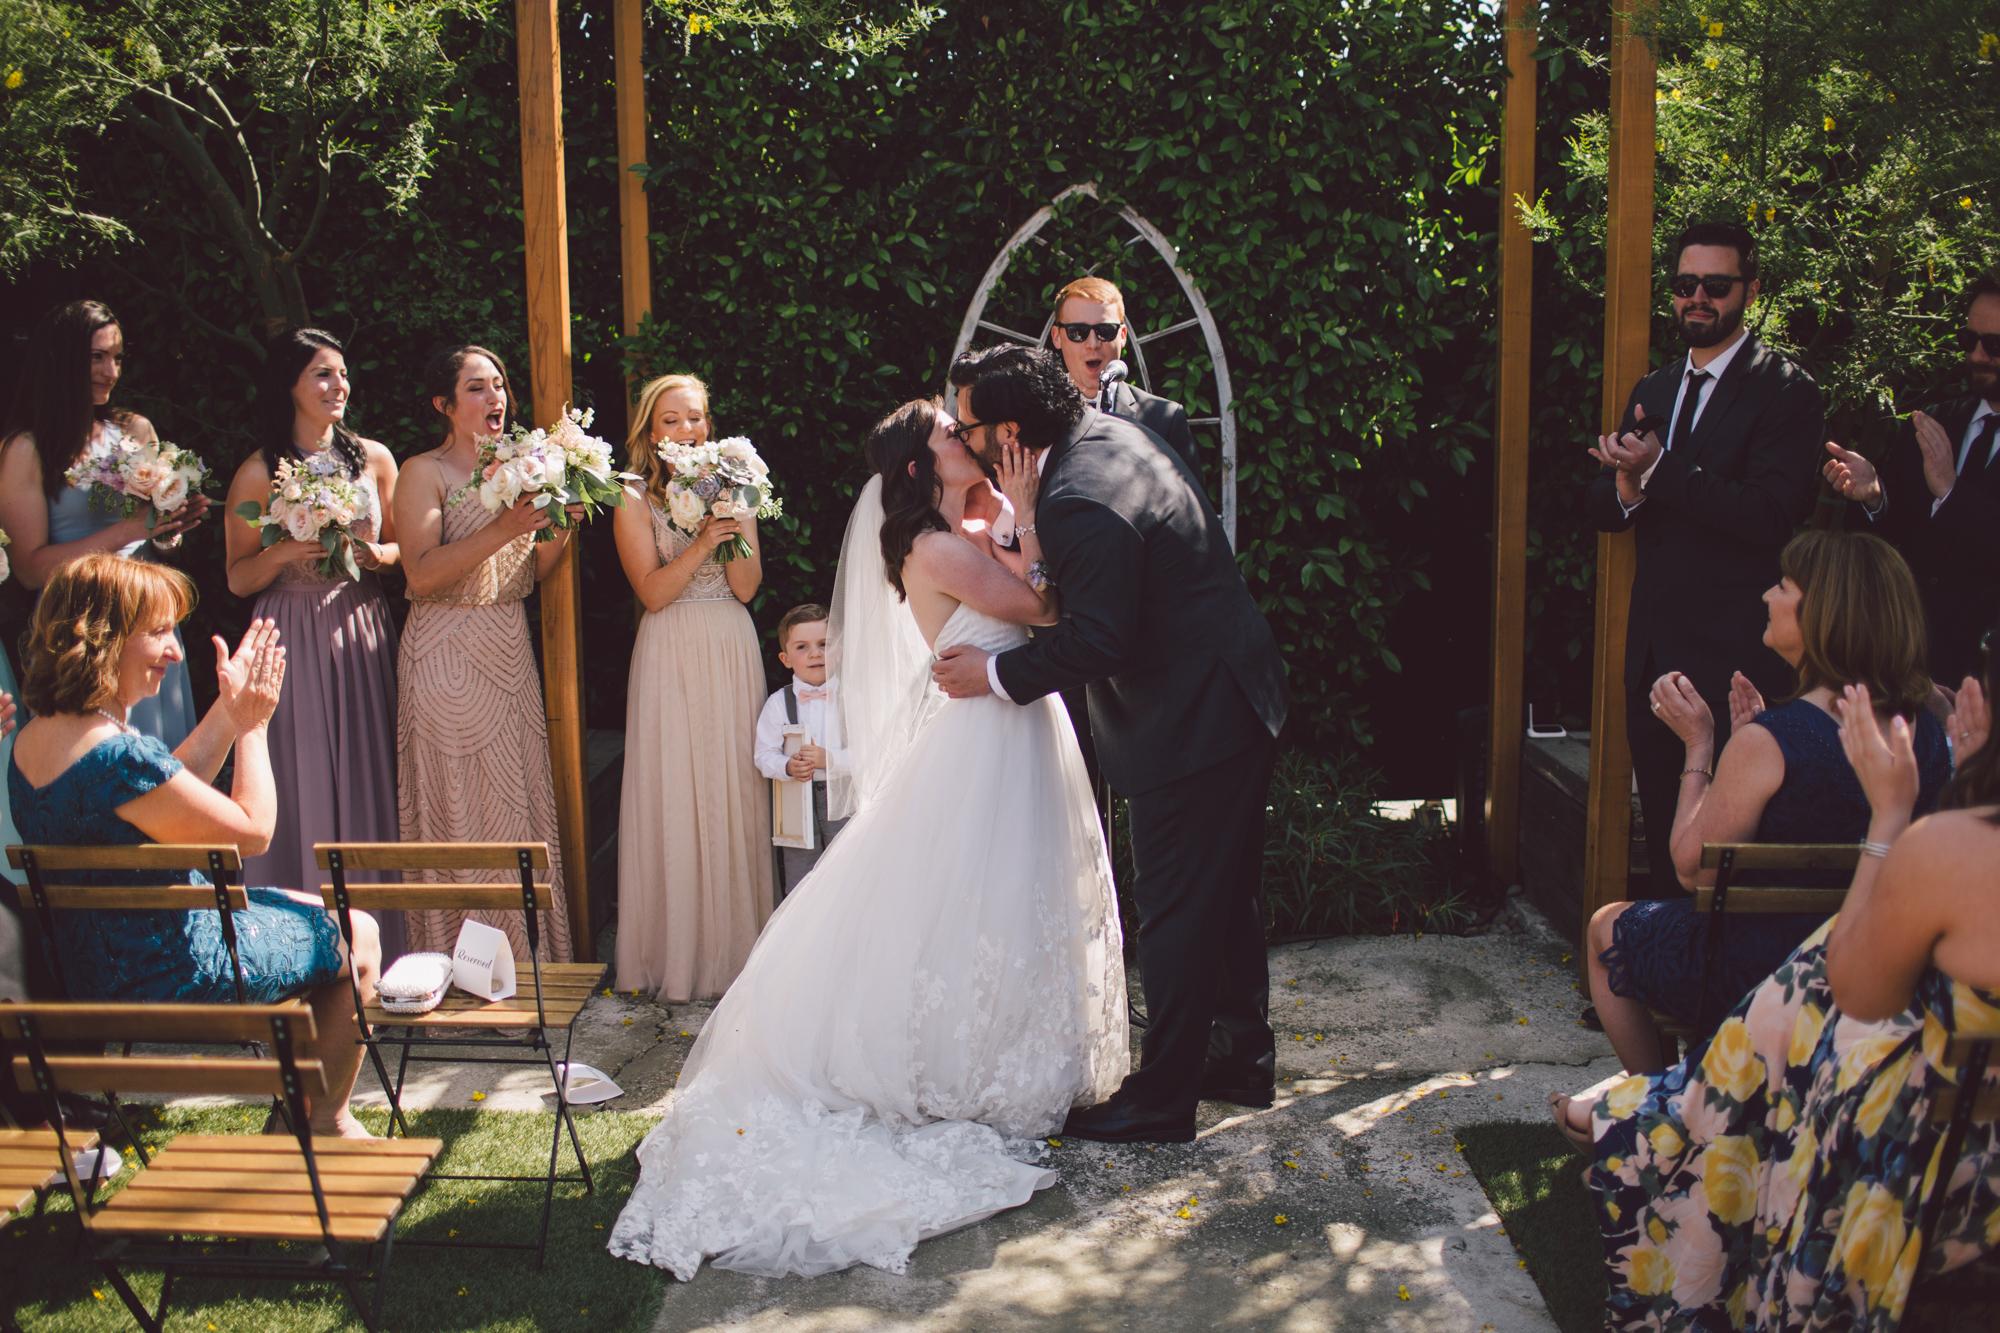 outdoor wedding venue-los angeles-eastside- ceremony